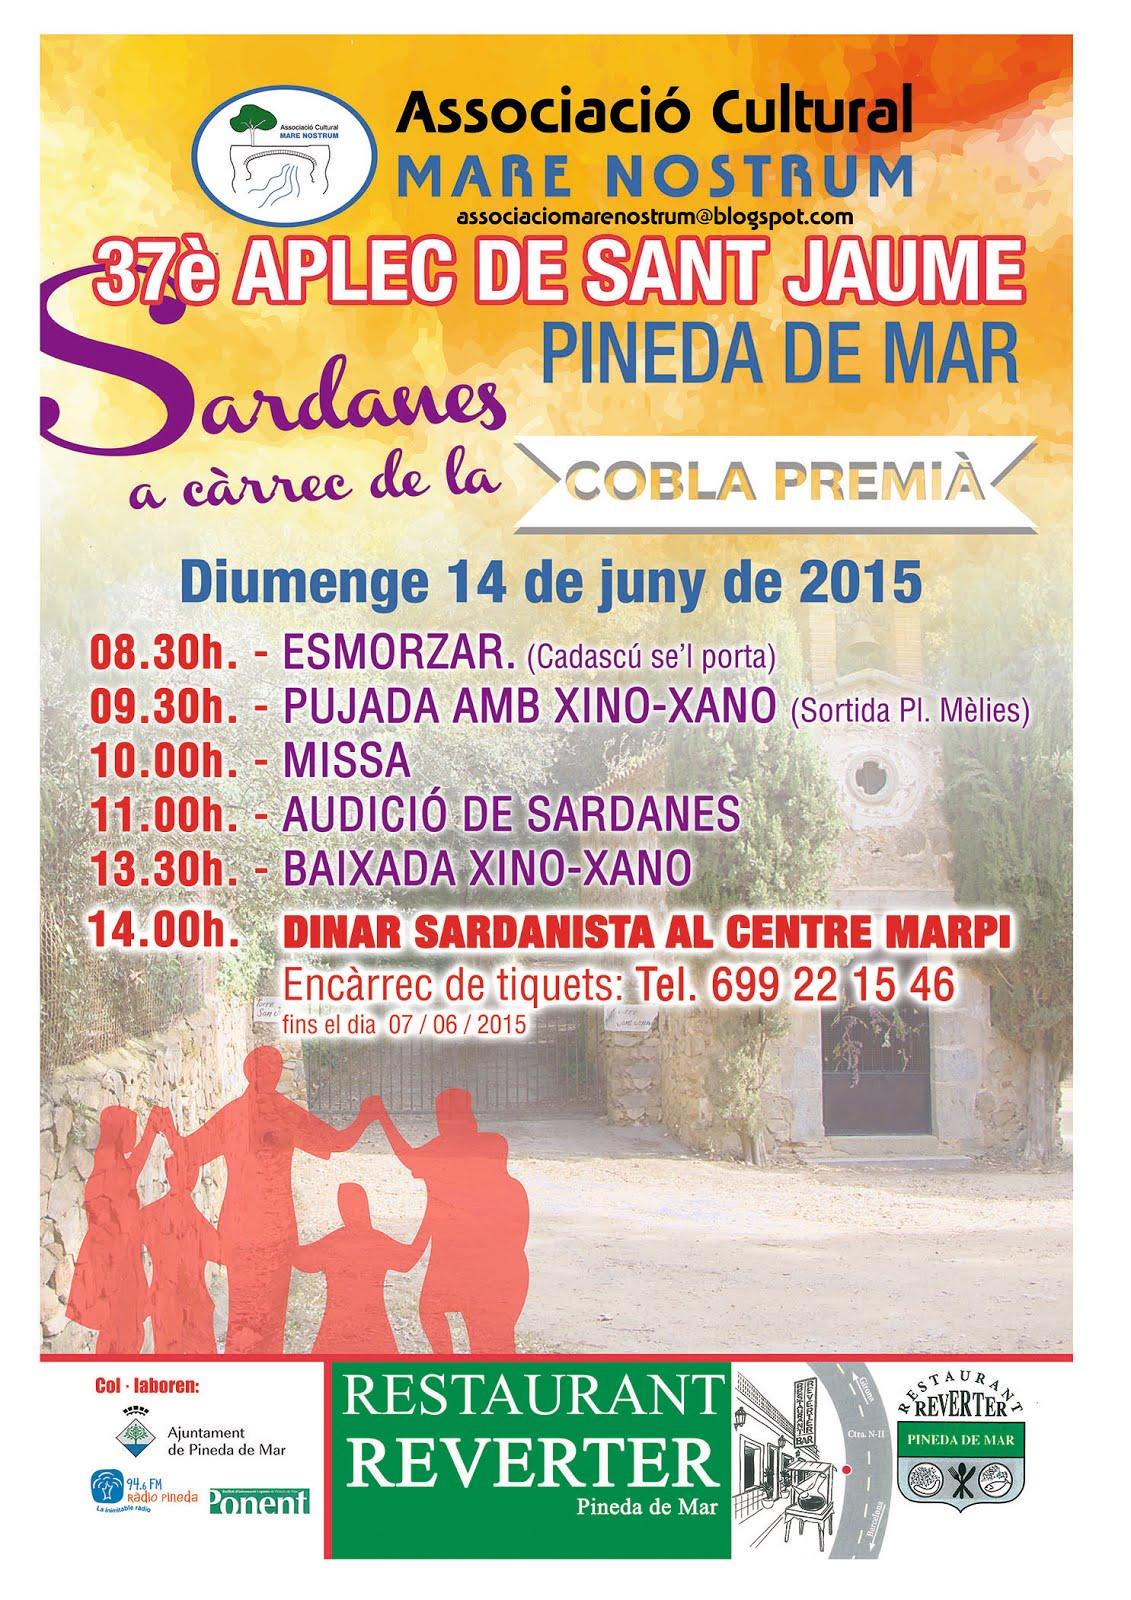 37è. APLEC DE SANT JAUME